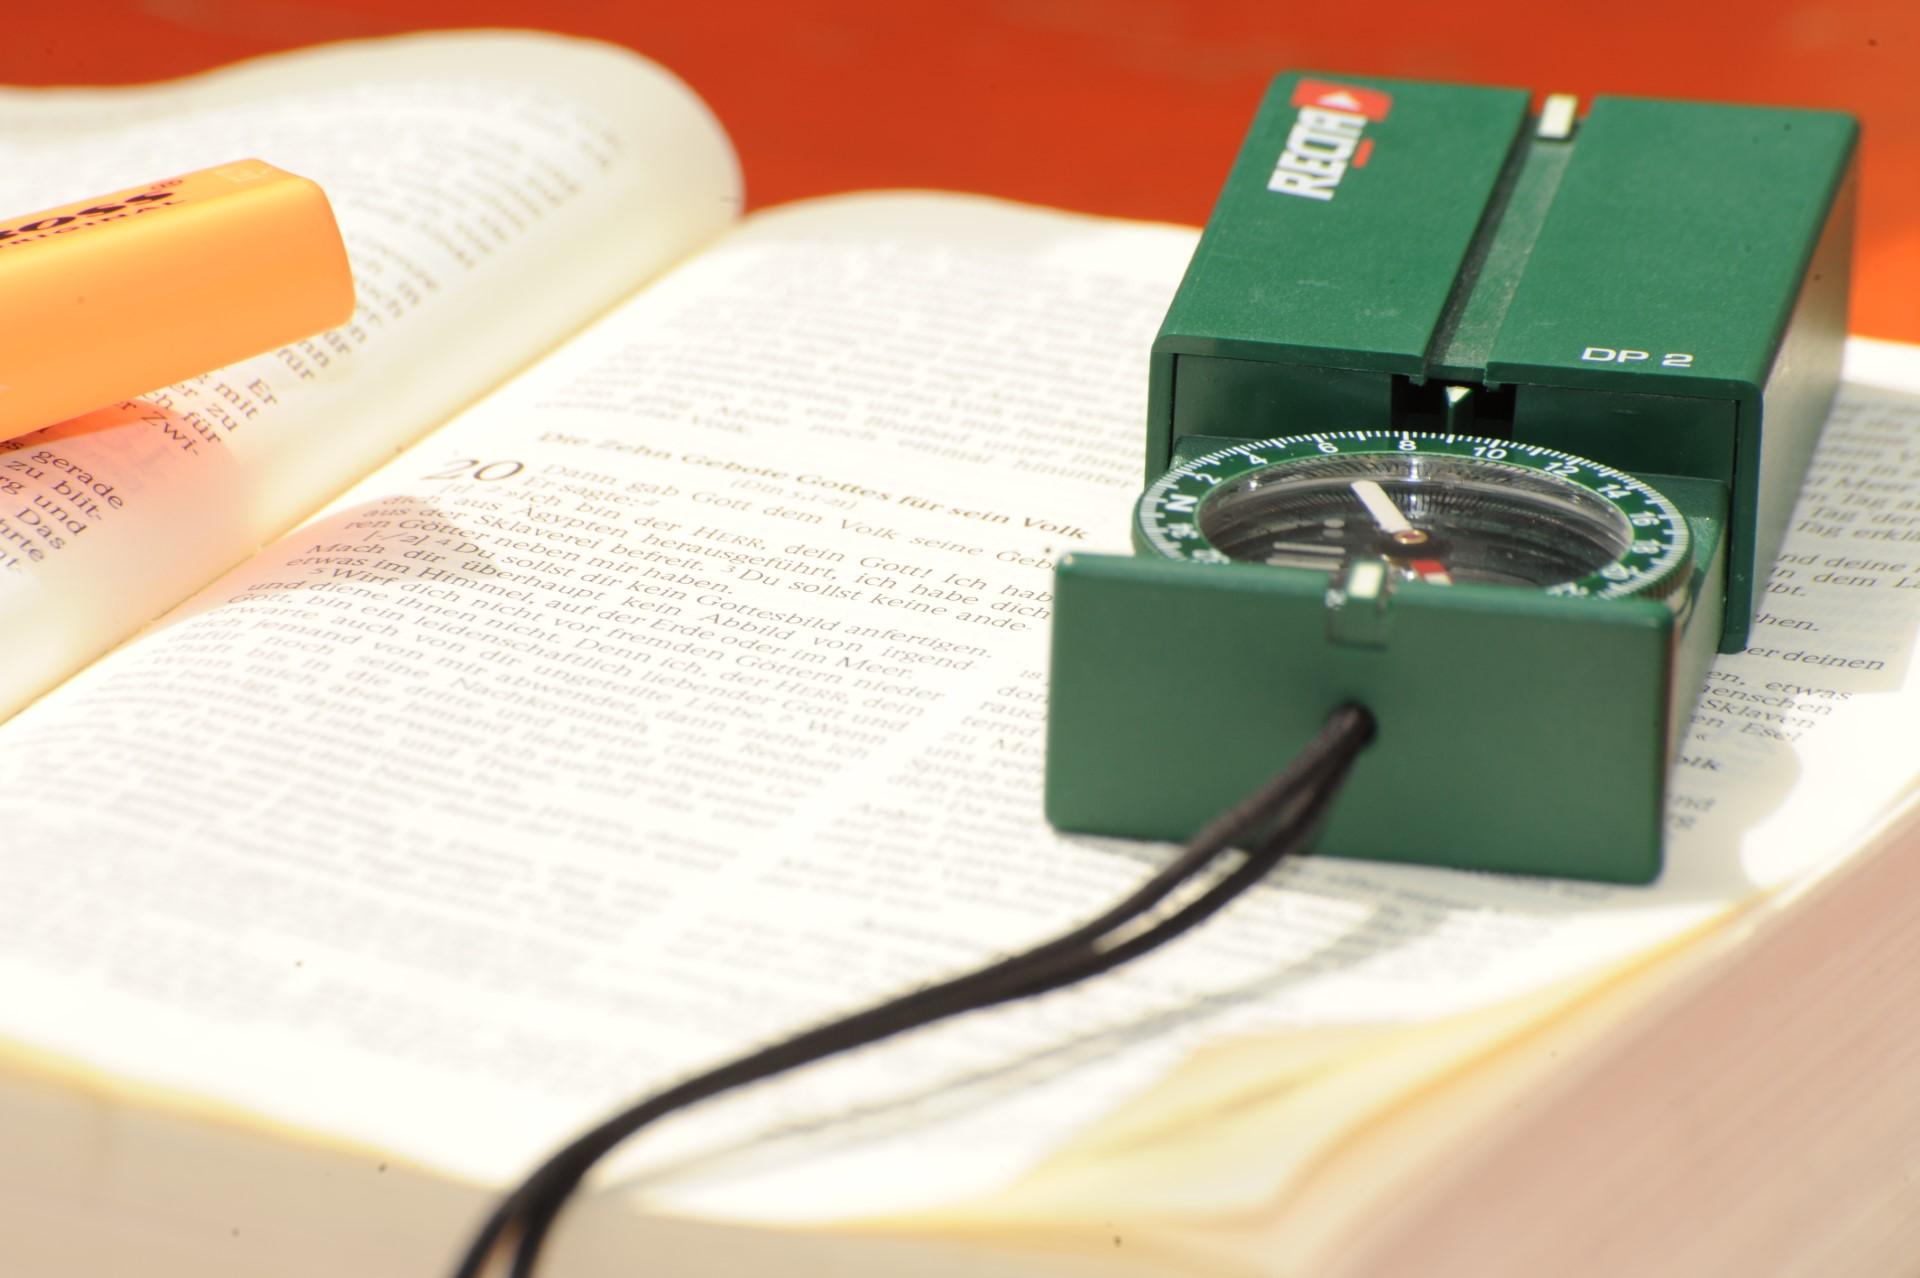 Kompass und Bibel